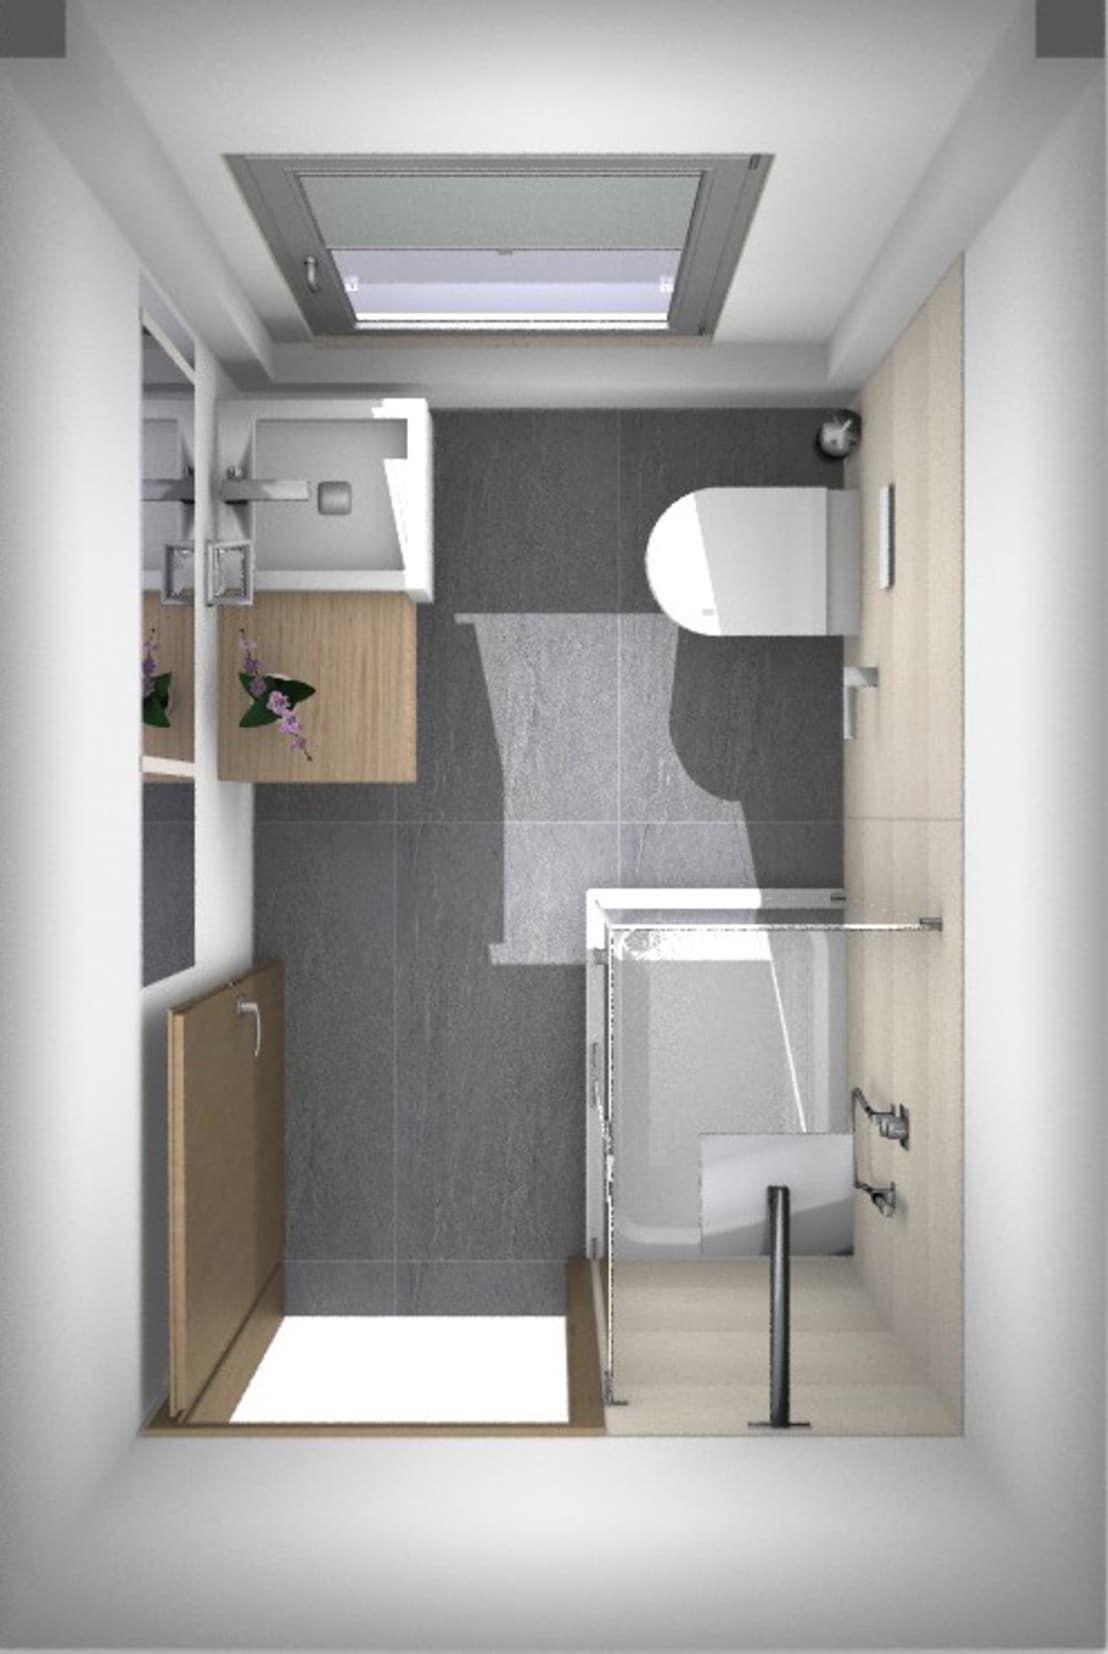 badrenovierung: dusche im gäste-wc von banovo gmbh in 2018 | bad